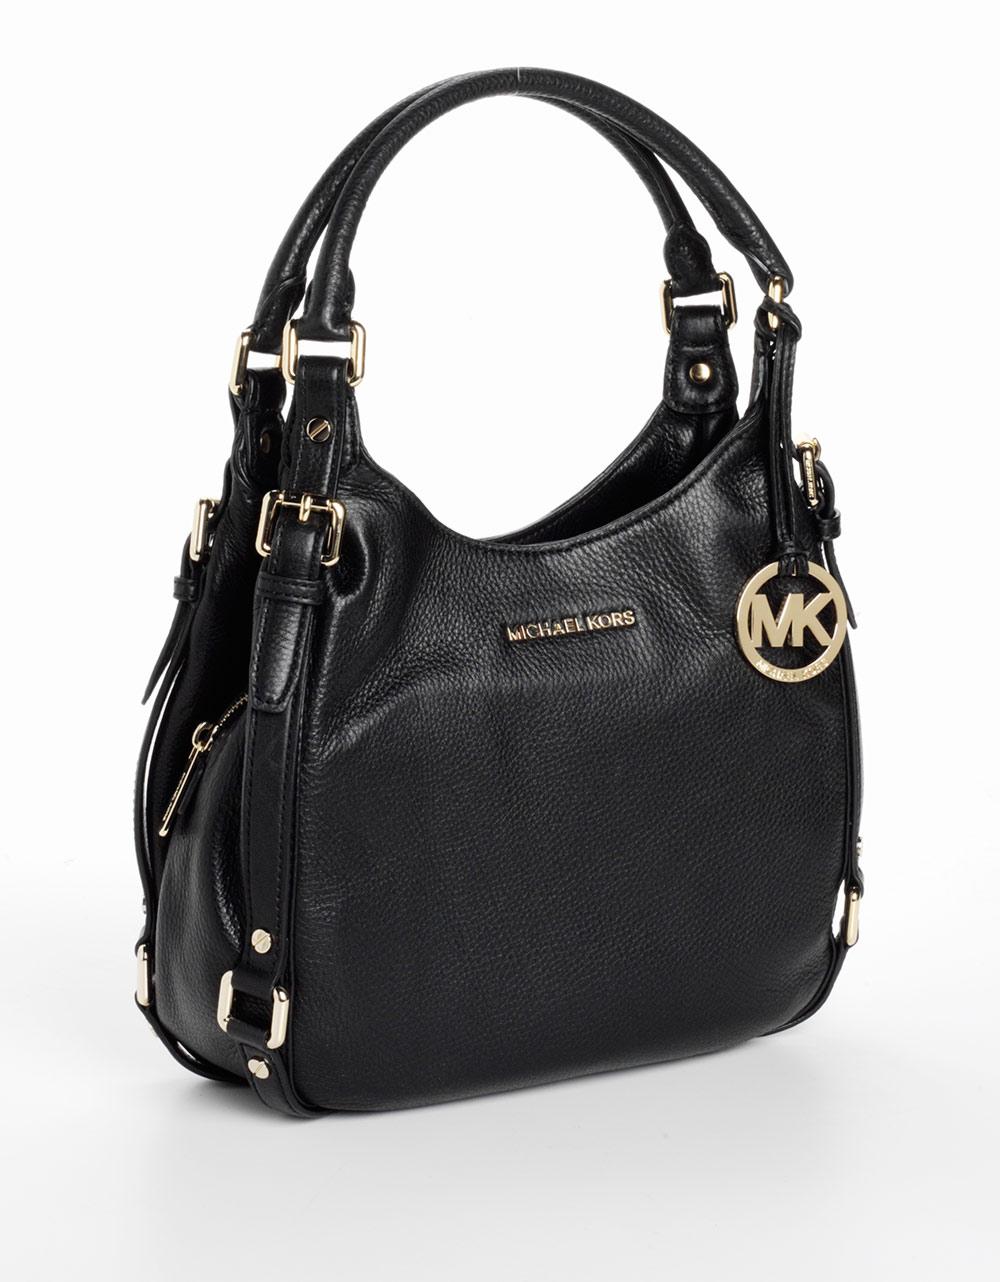 Michael Kors Bedford Black Leather Shoulder Tote Bag 21